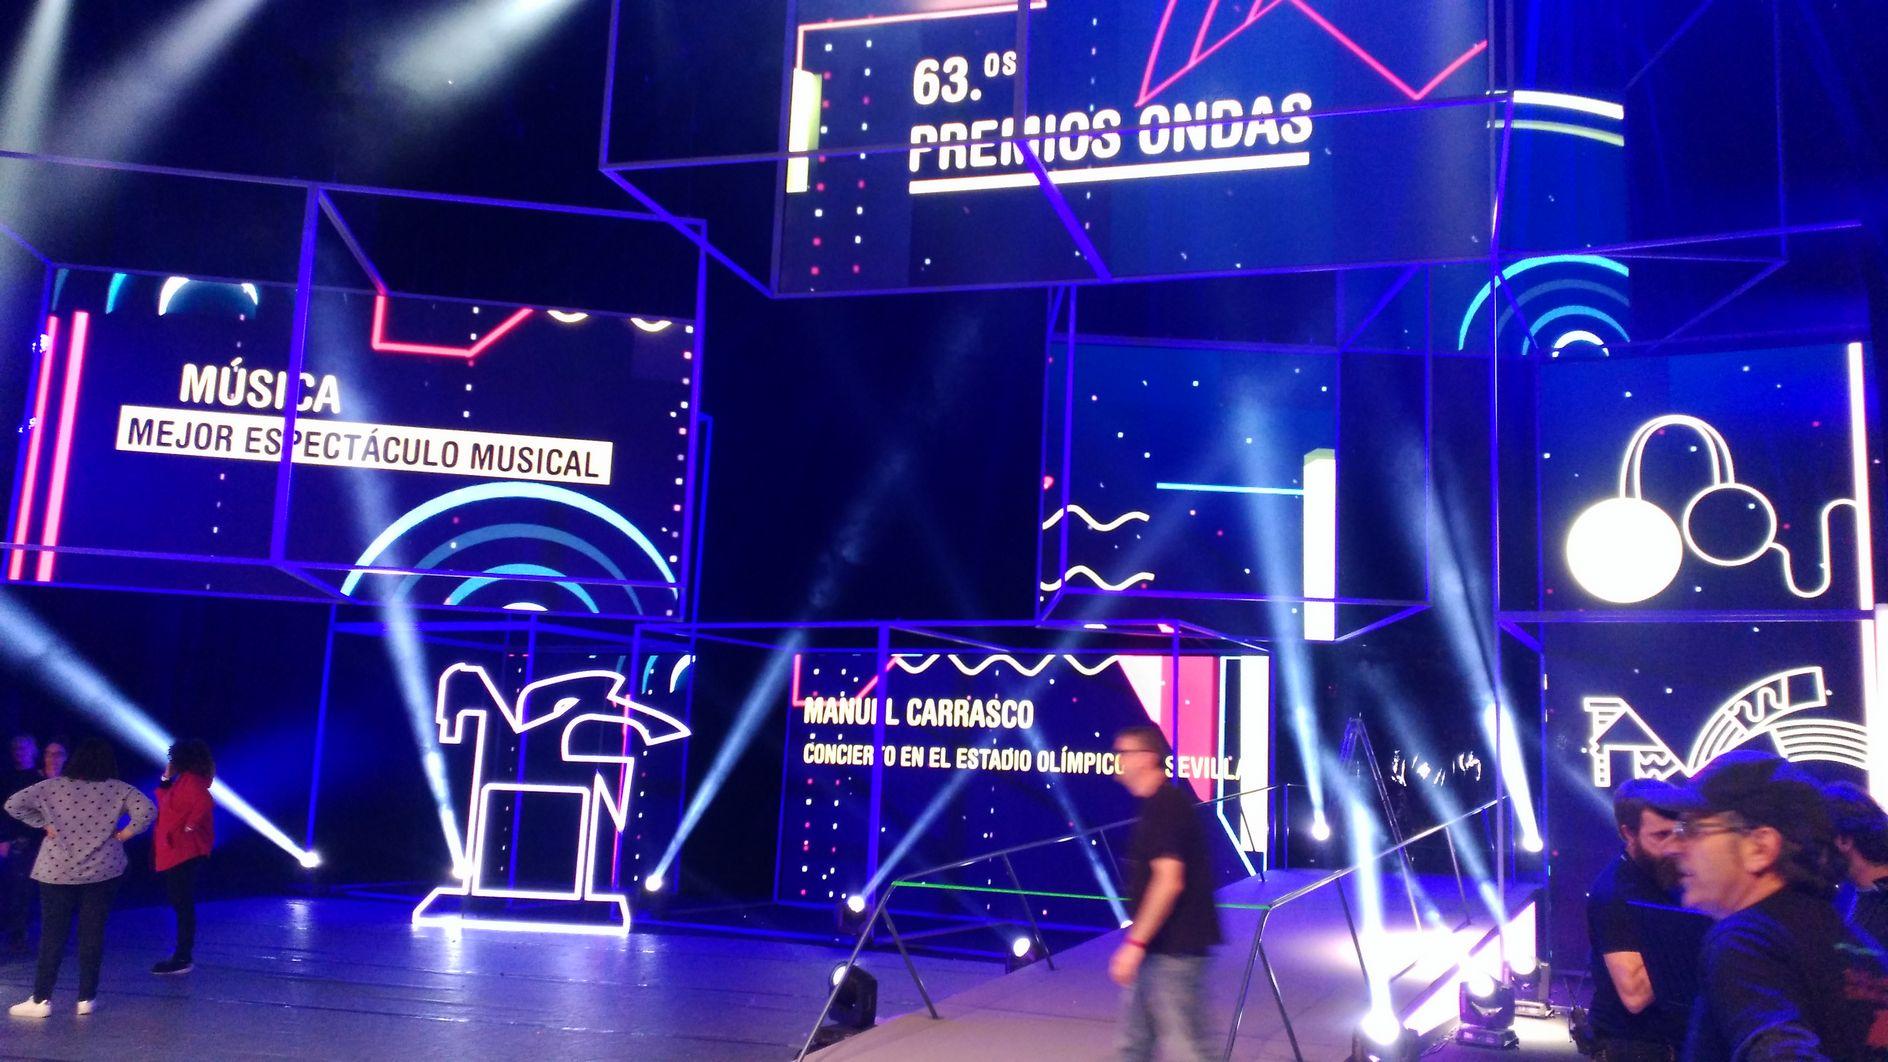 Premios Onda 2016 Barcelona